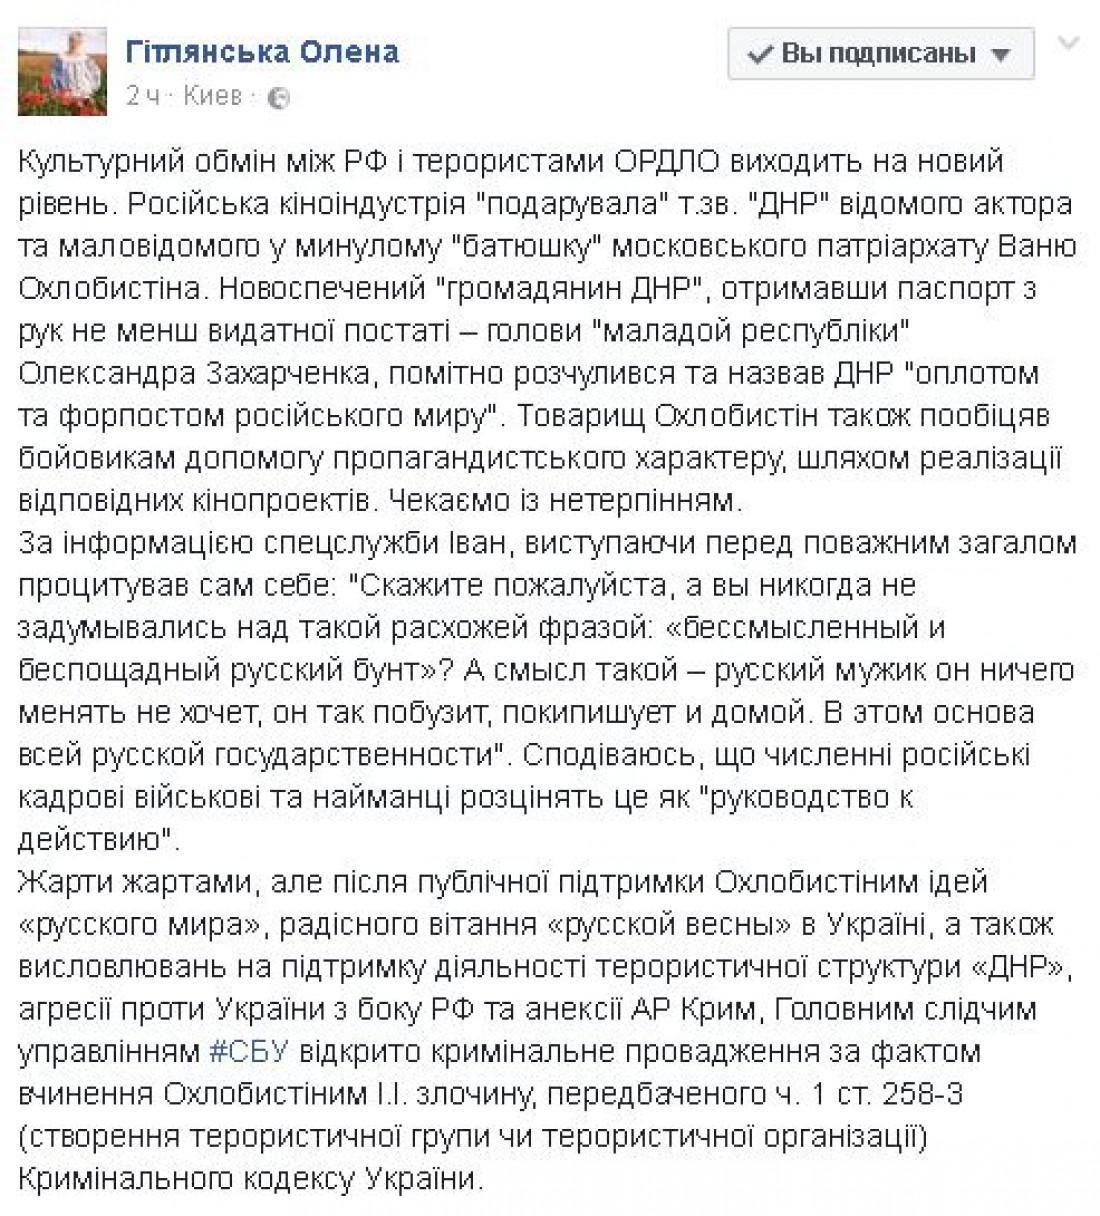 Запись в Facebook Елены Гитлянской